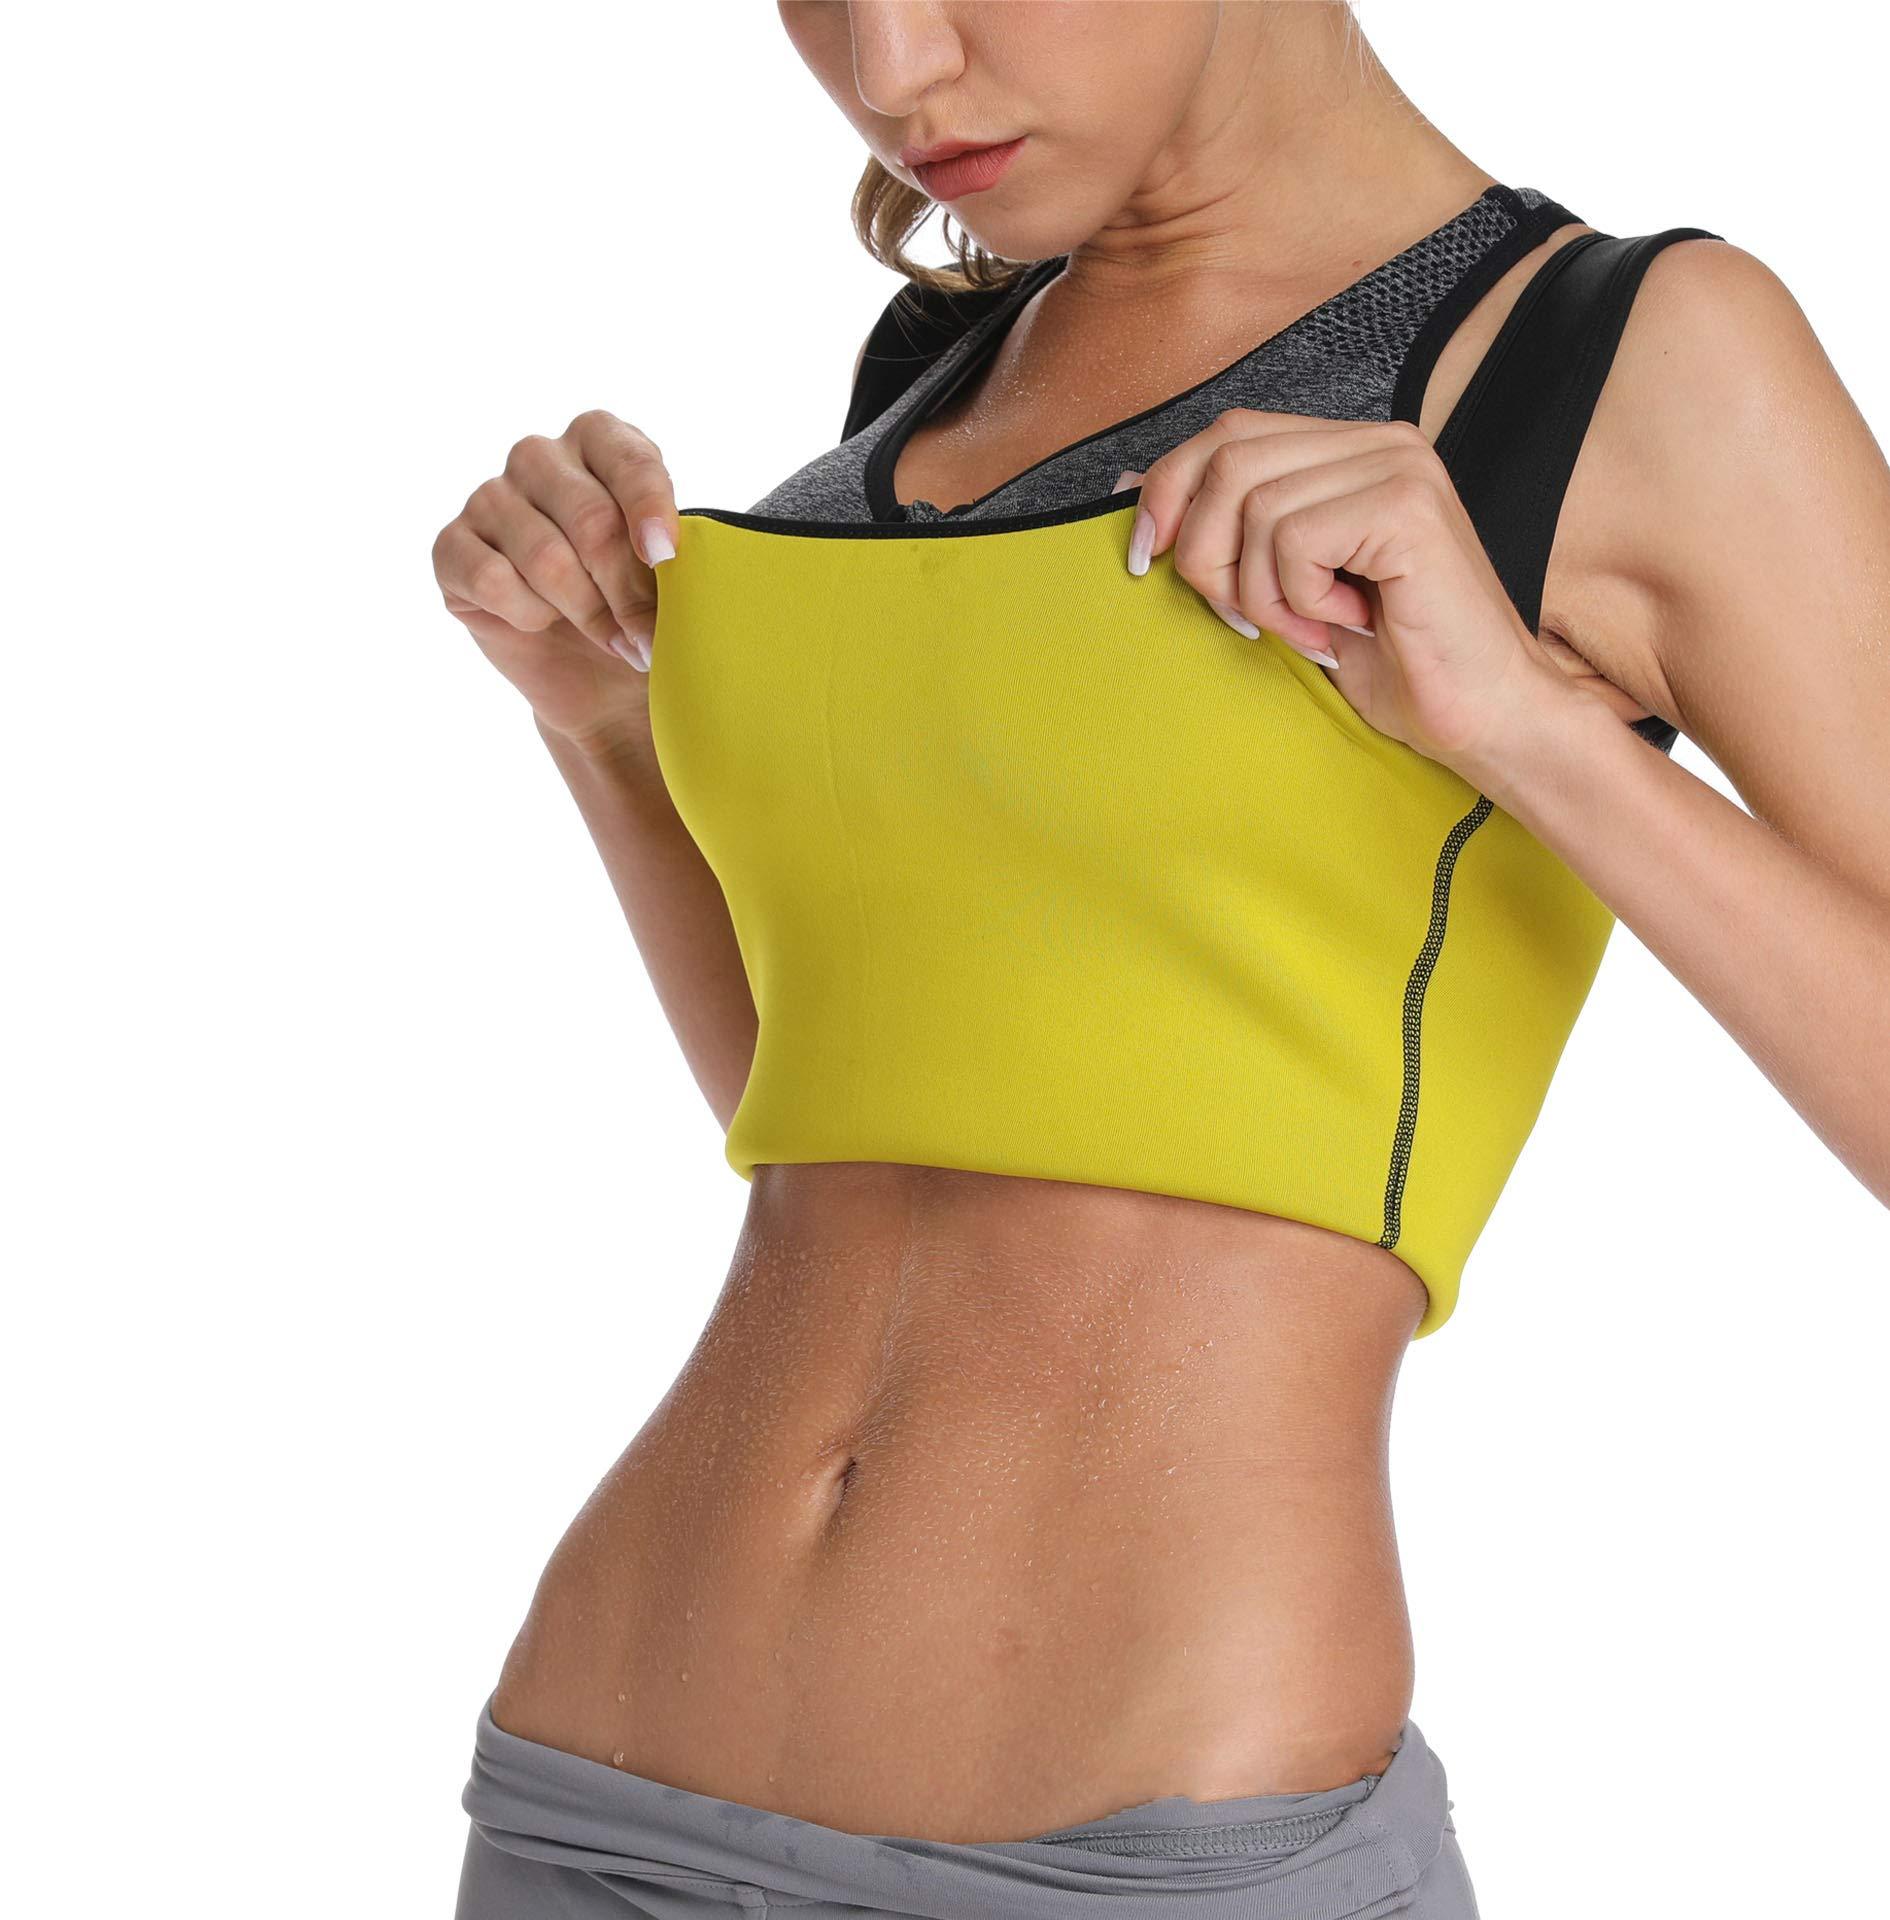 SLIMBELLE Sweat Vest Neoprene Sauna Suit for Women Weight Loss Tummy Fat Burner Slimming Shapewear Shaper Tank Top Yellow-M by SLIMBELLE